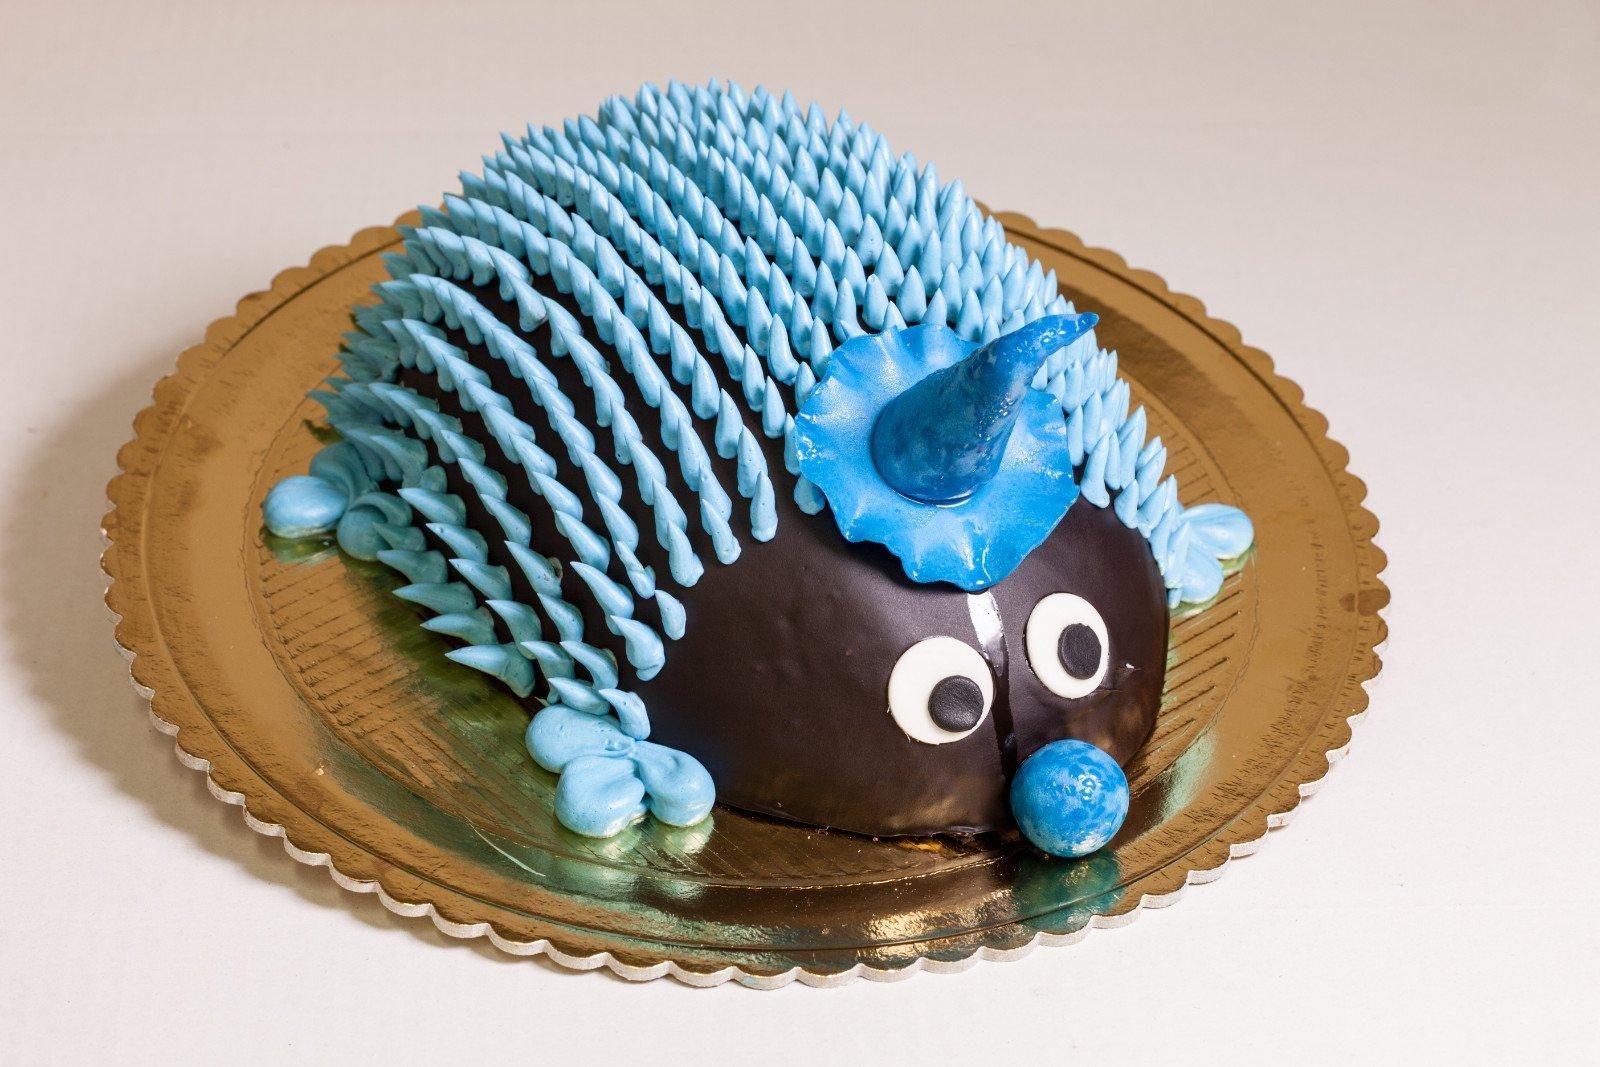 Torta a forma di riccio per maschiaetto con copertura azzurra